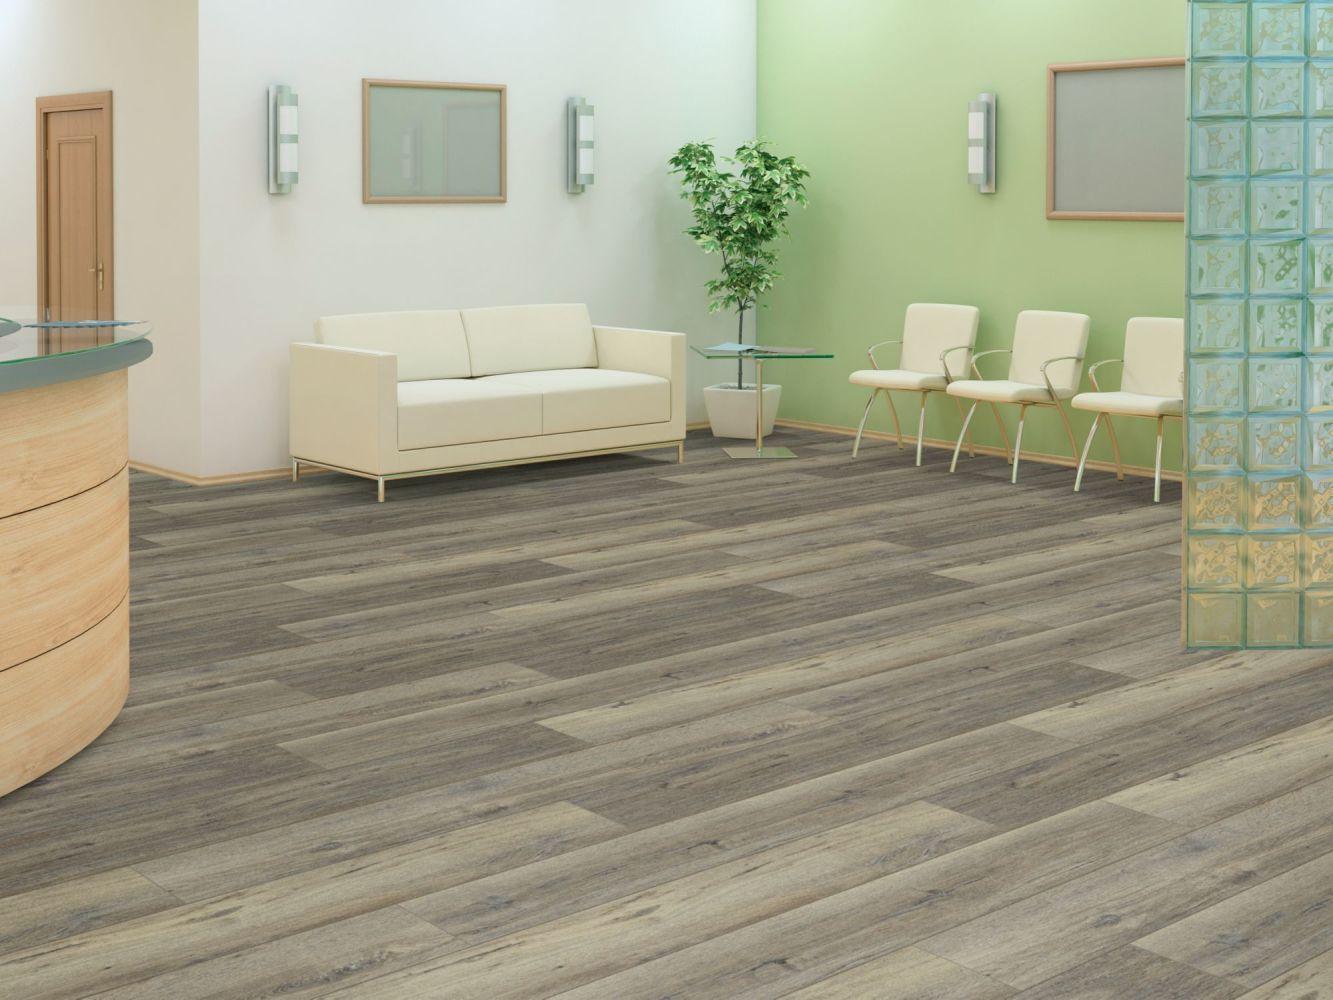 Shaw Floors Resilient Property Solutions White Oak 720c Plus Sandy Oak 05005_516RG